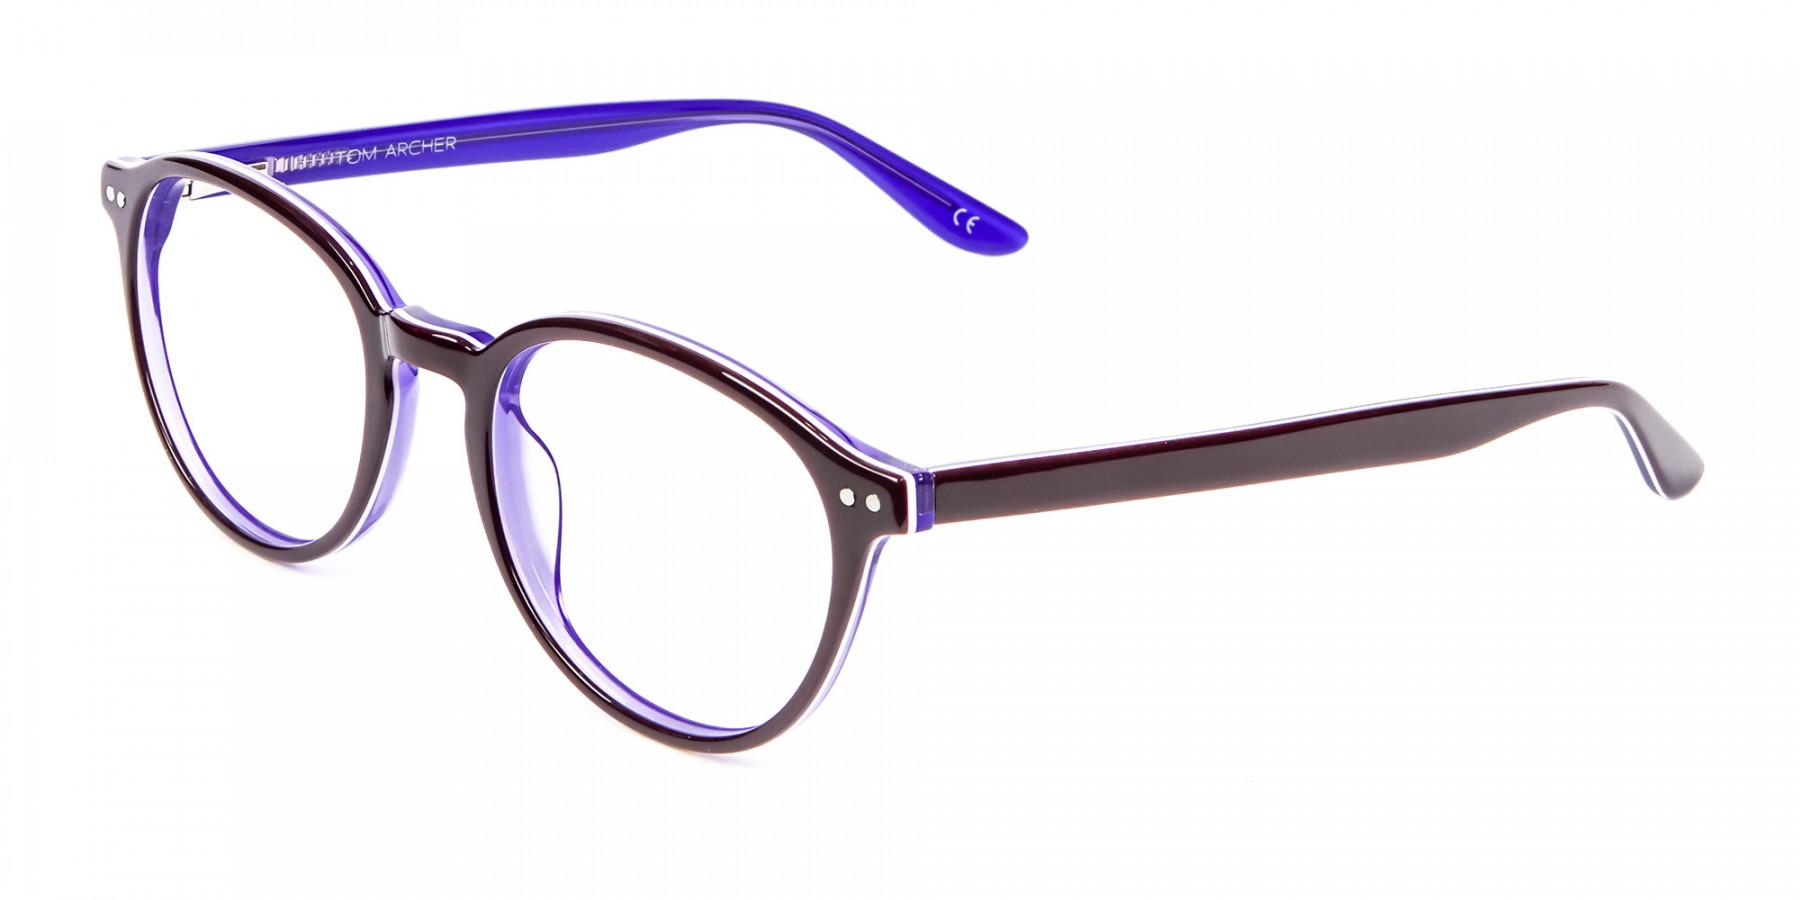 Black and Violet Glasses Online - 1